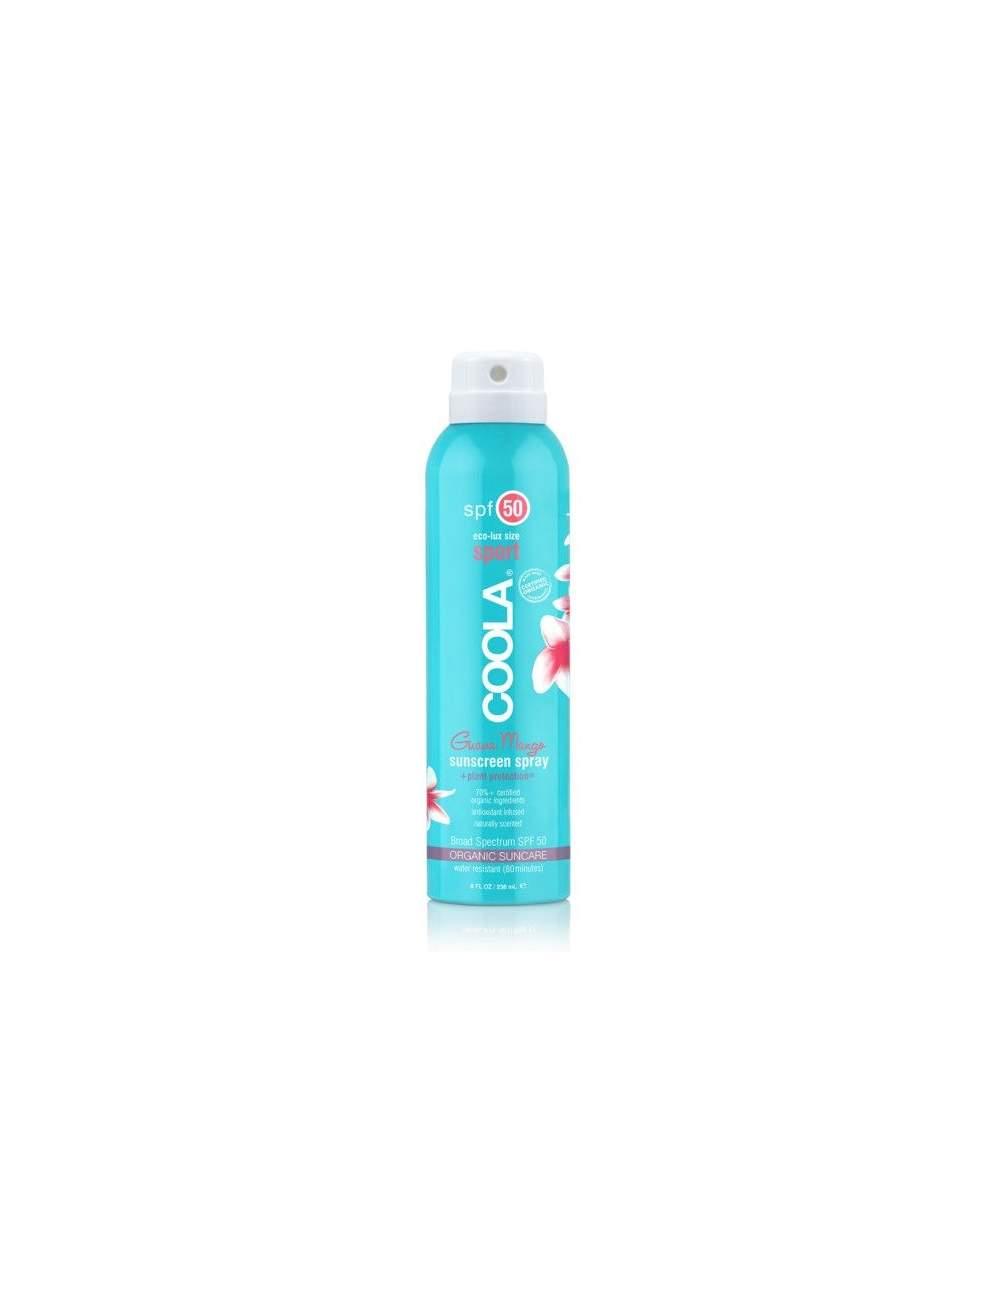 Crema de Protección Solar Corporal Orgánica SPF 50 en Spray Guava Mango. Sport Continuous. Coola